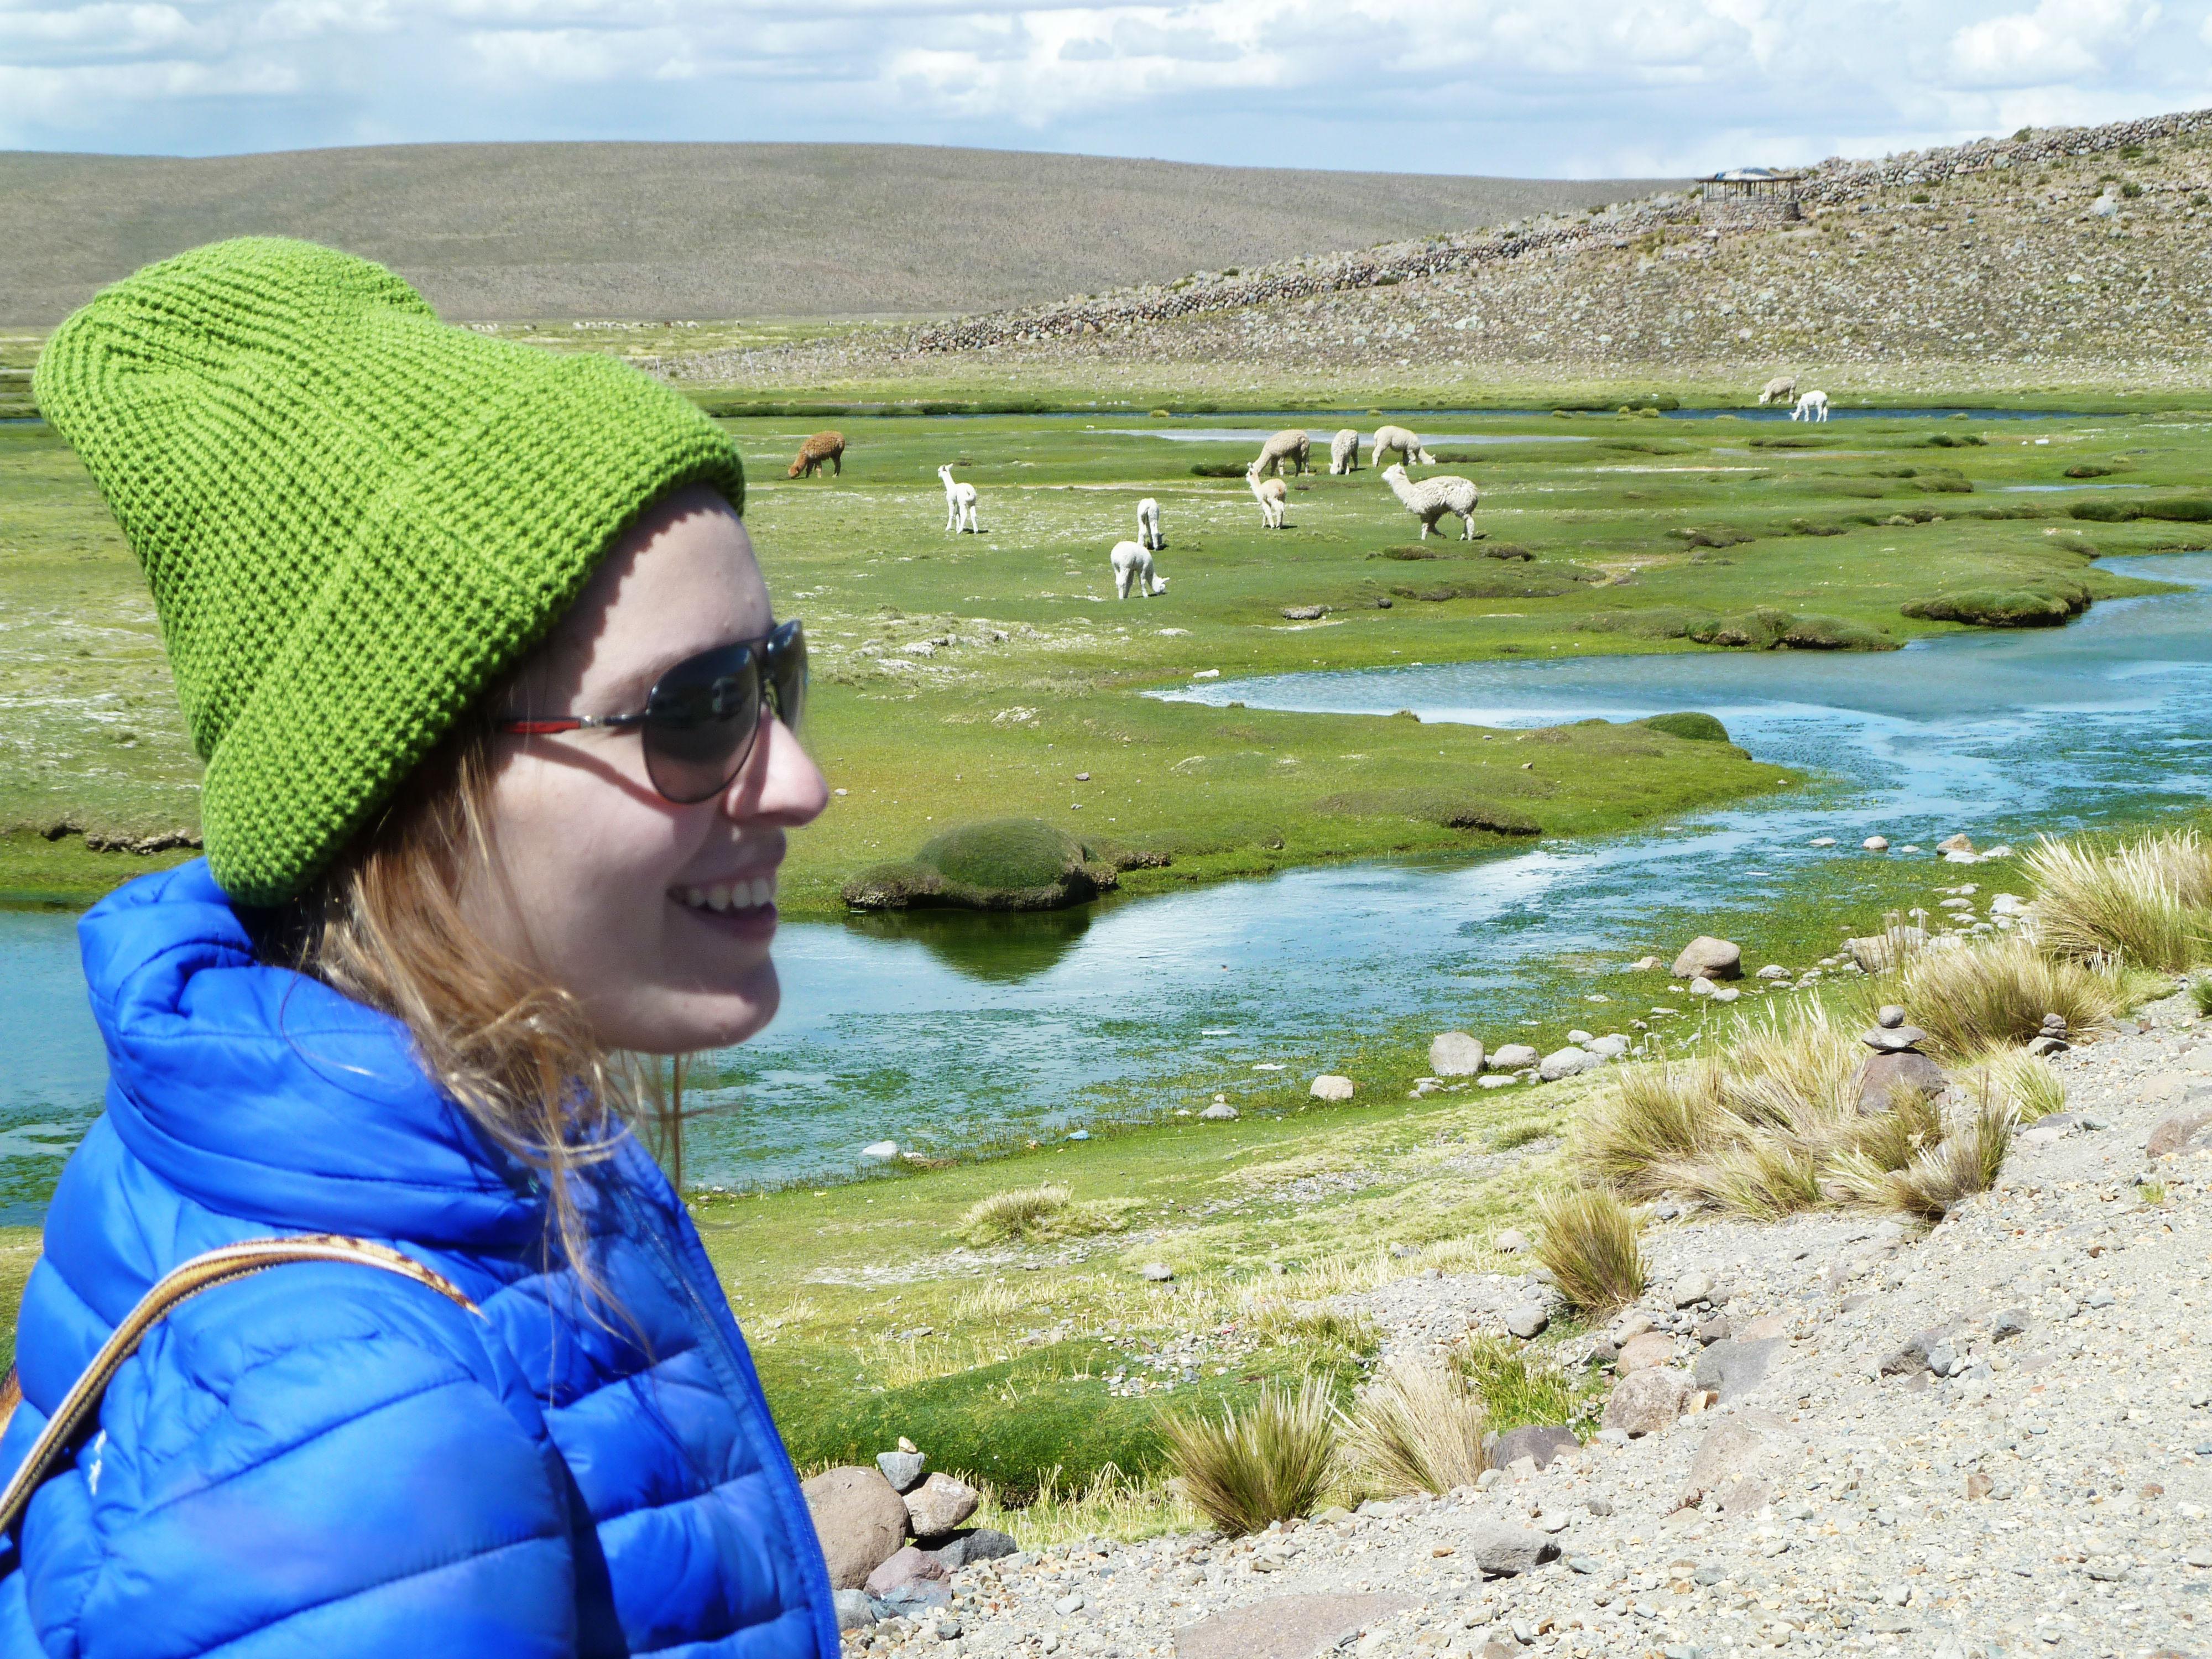 alpacas maravilhosas